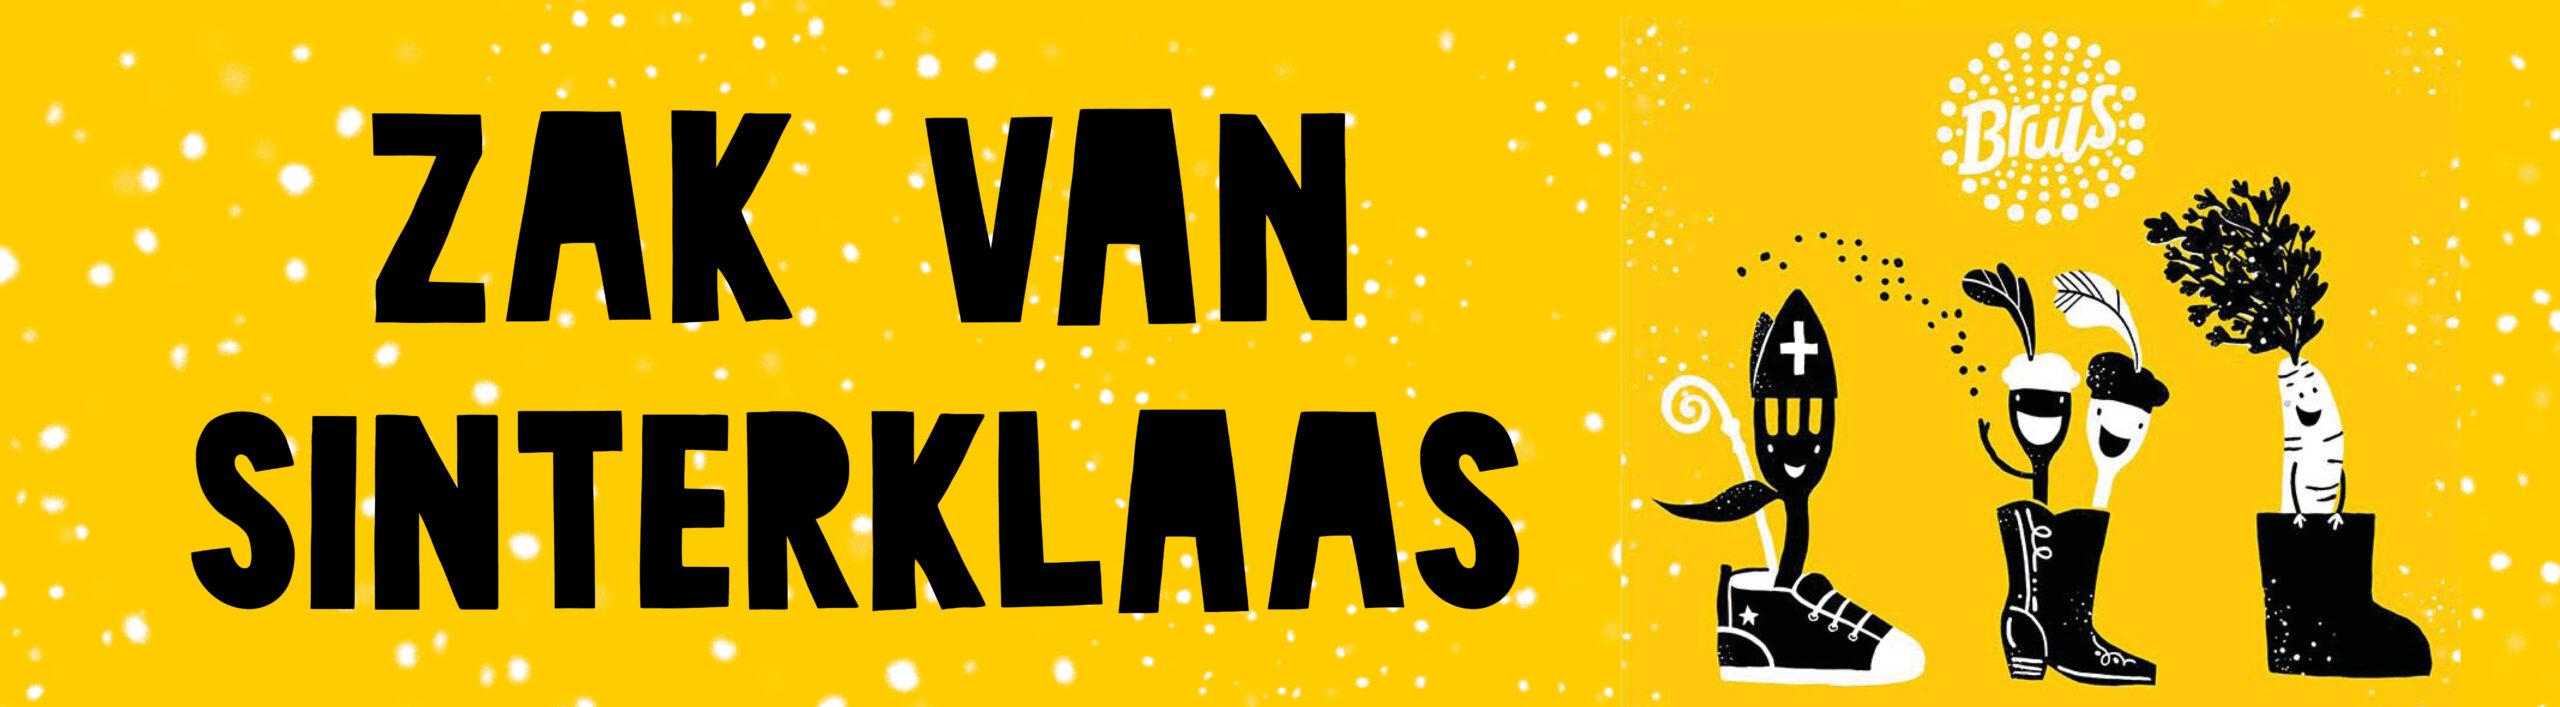 Bruis Zak van Sinterklaas